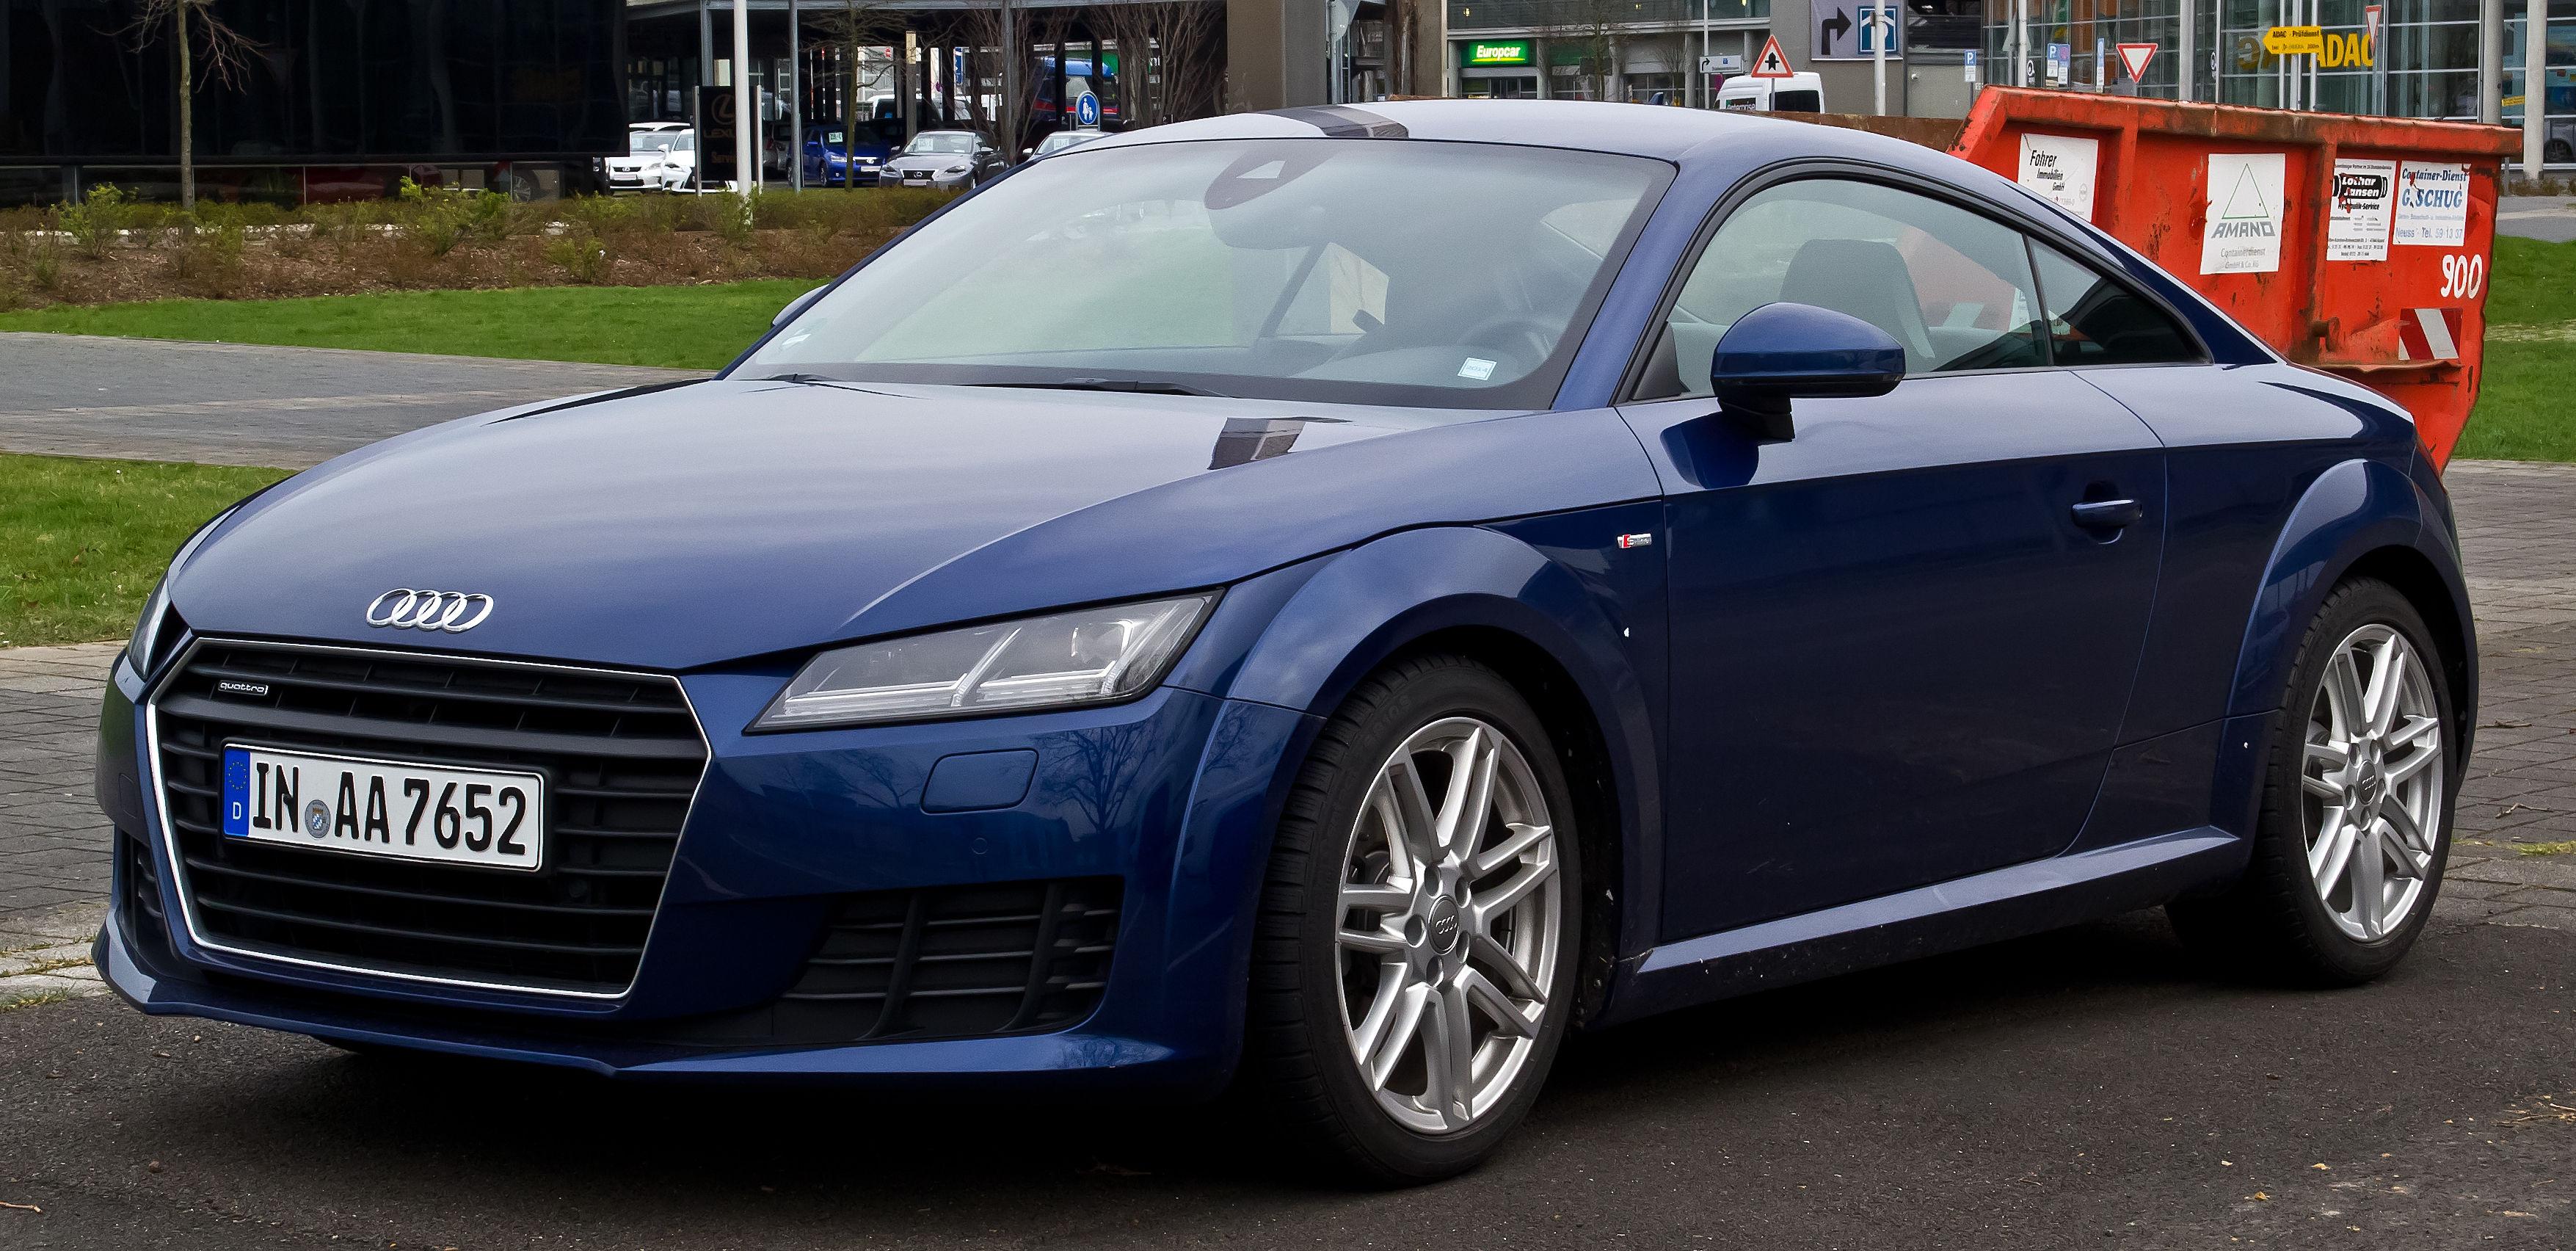 Audi TTS  2.0 MT (310 HP) 4WD - dane techniczne, wymiary, spalanie i opinie